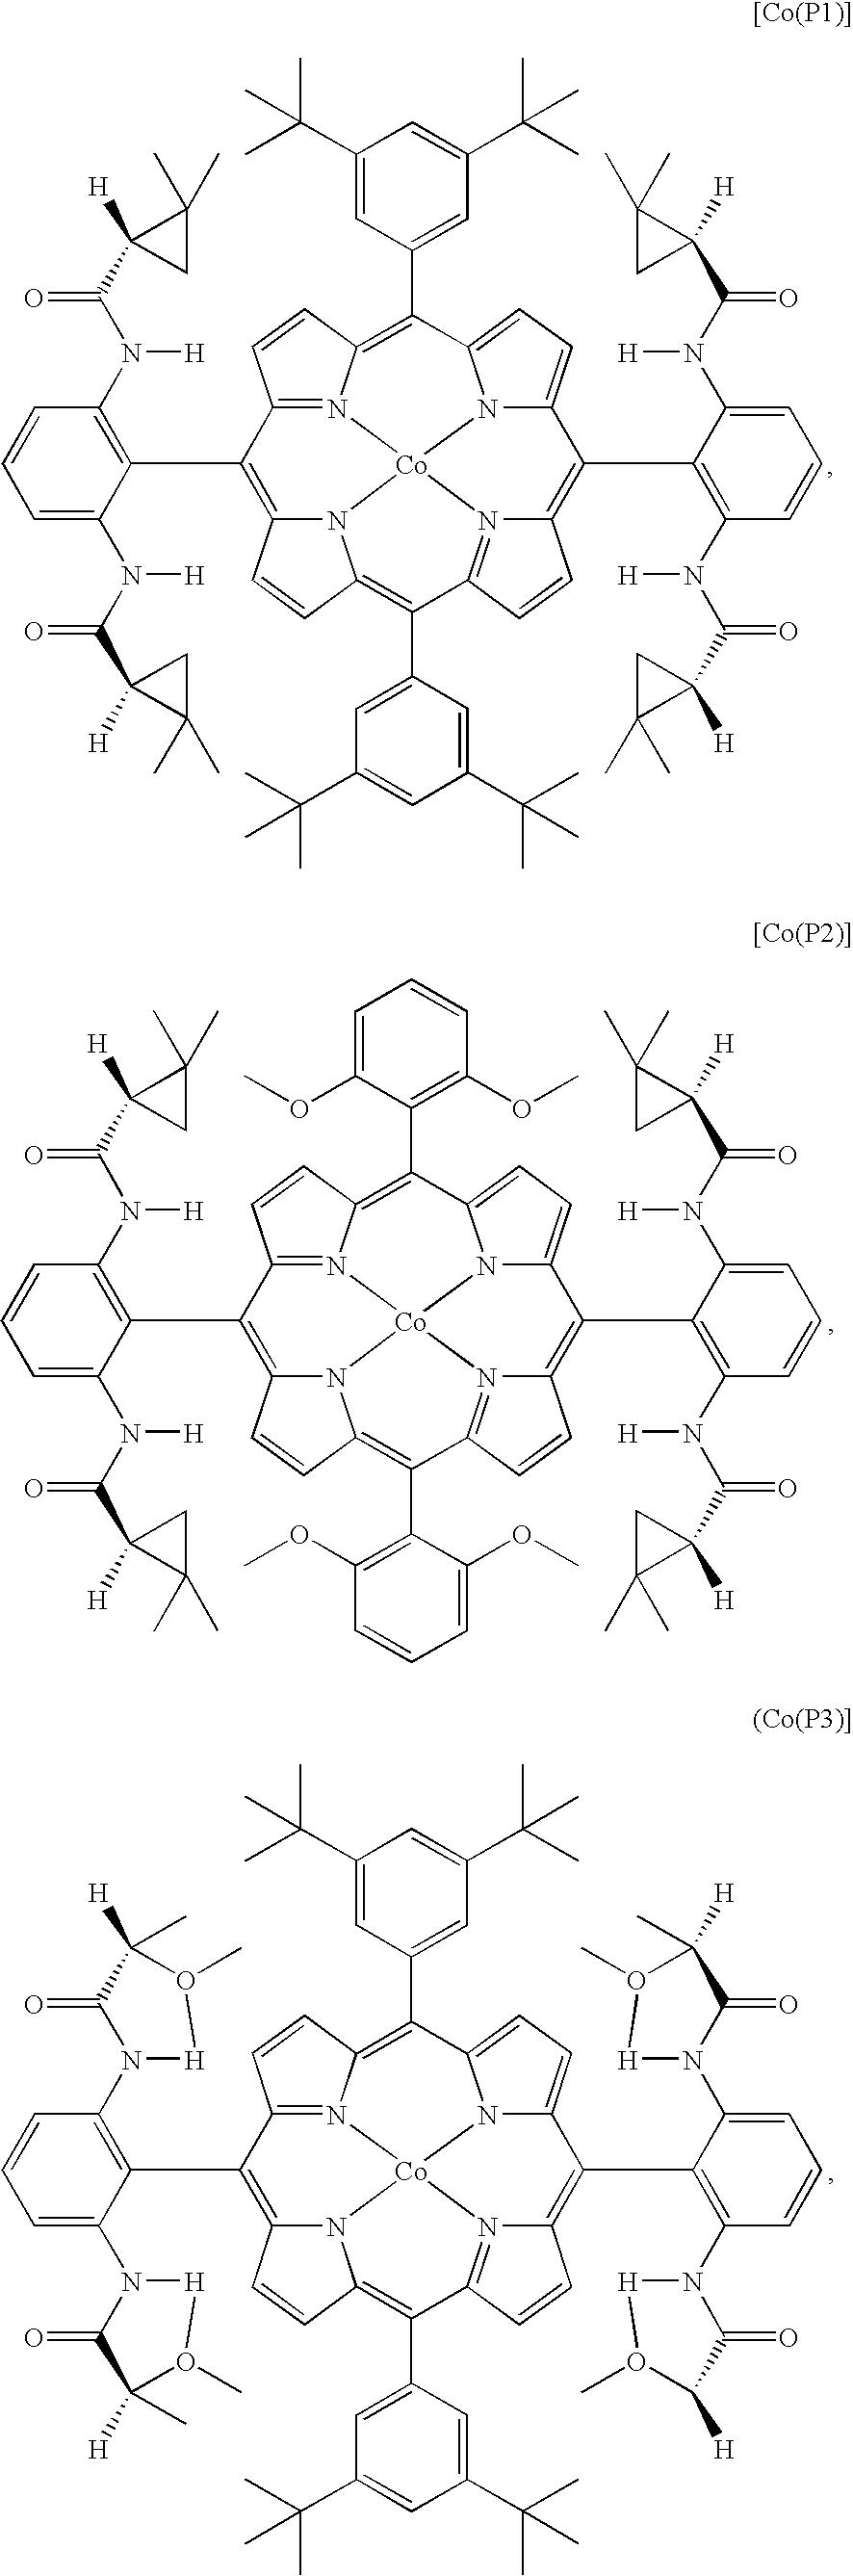 Figure US20100081838A1-20100401-C00113